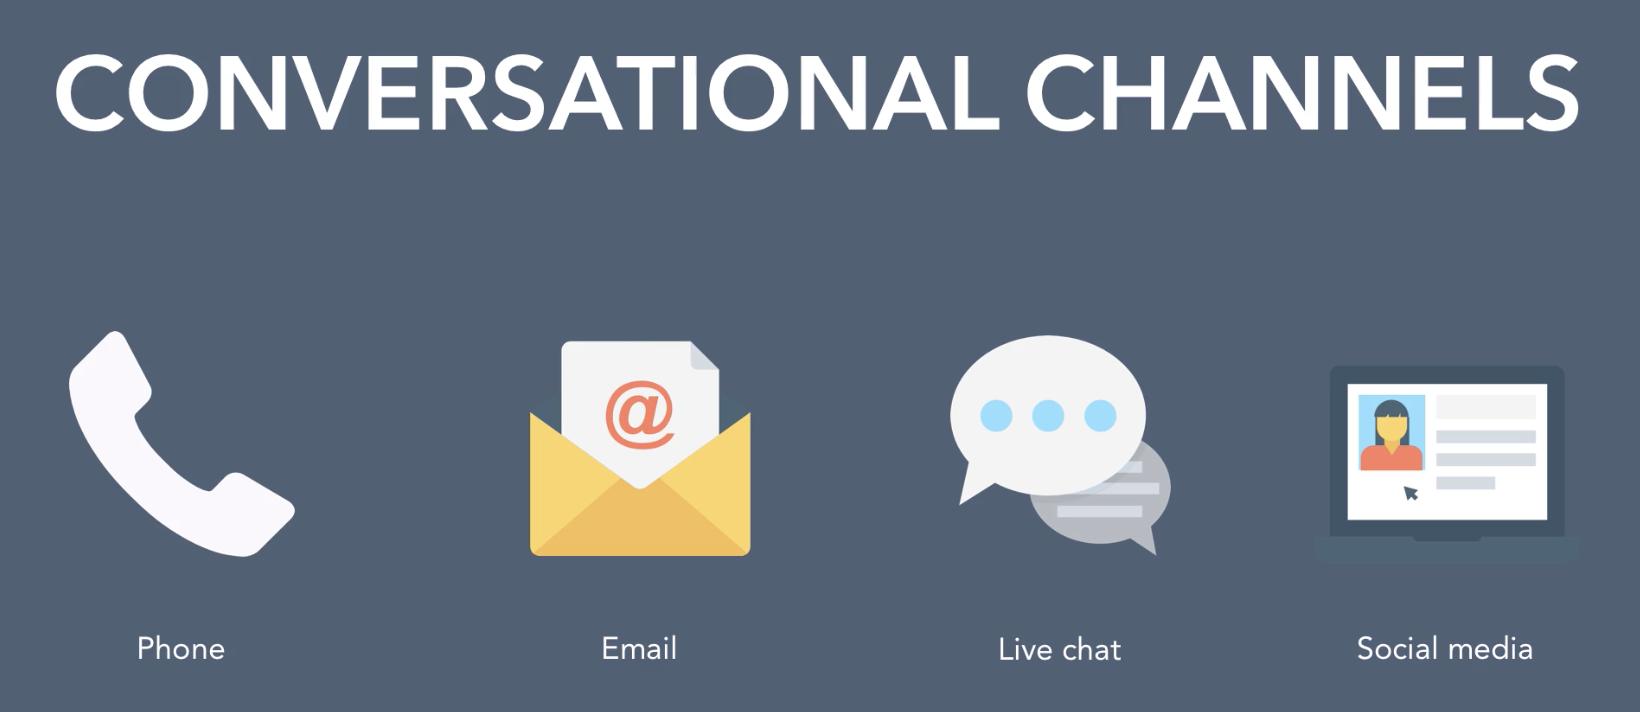 conversational channels